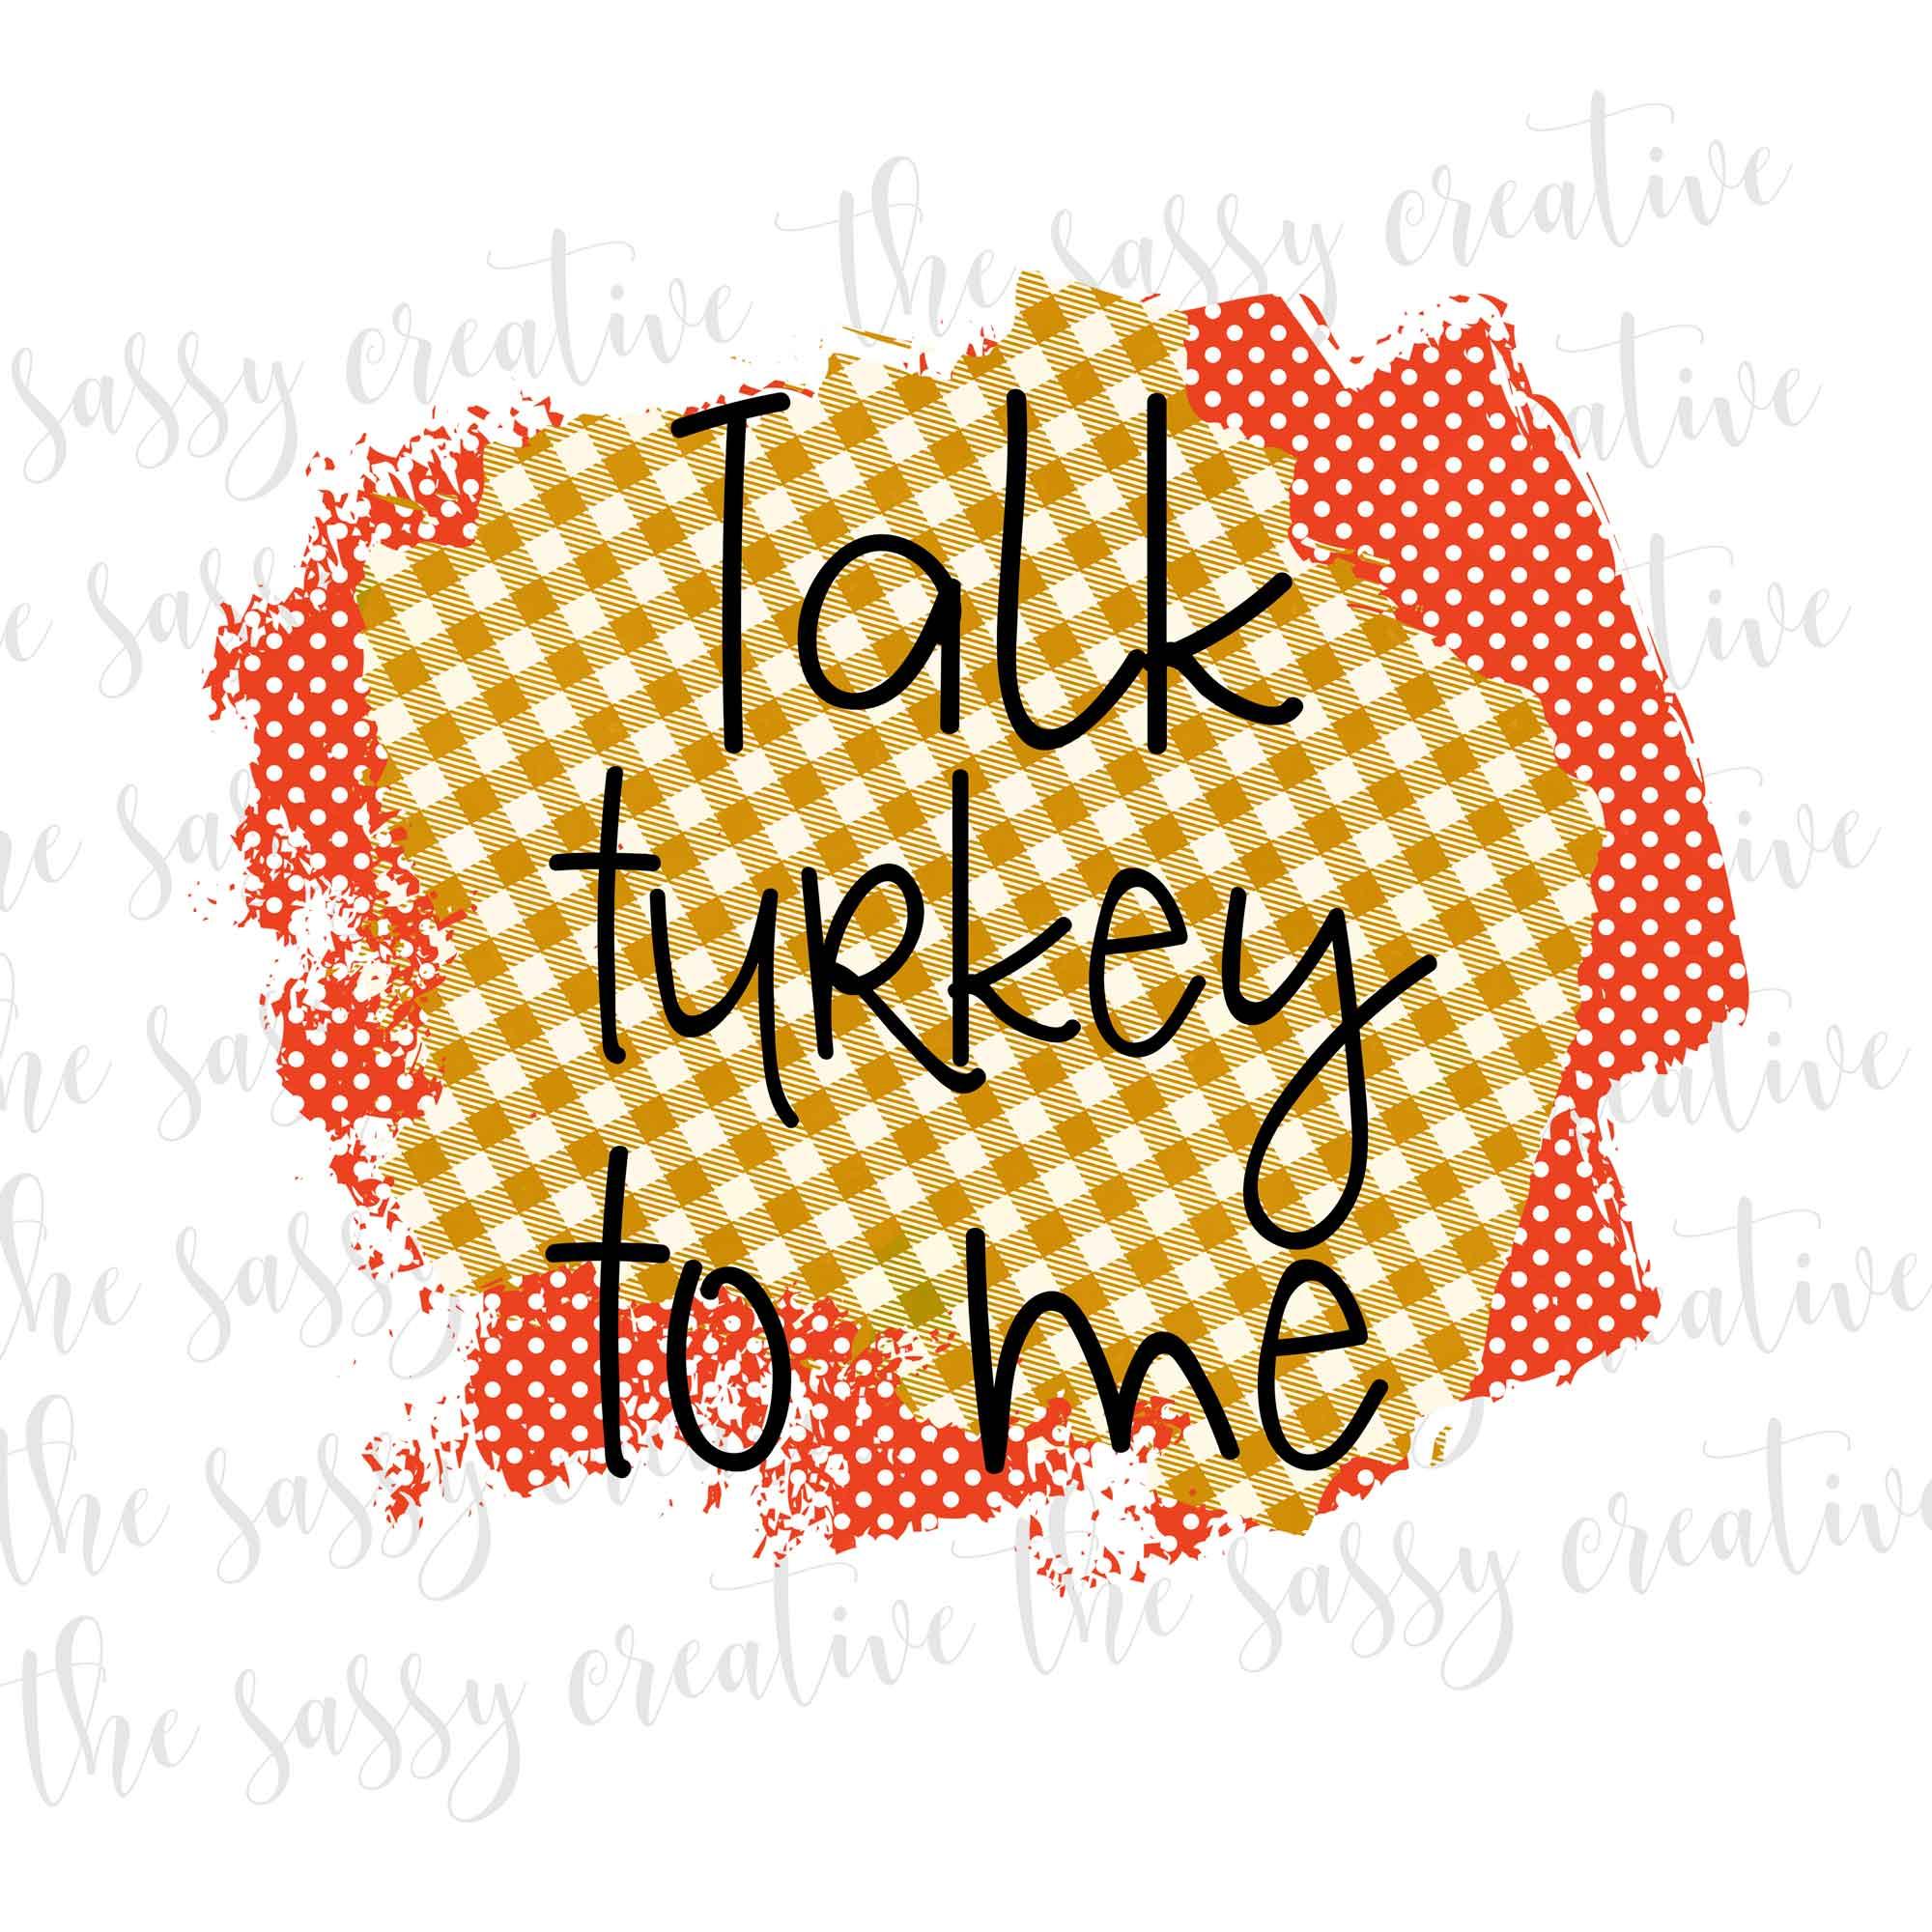 talkturkeytomecover